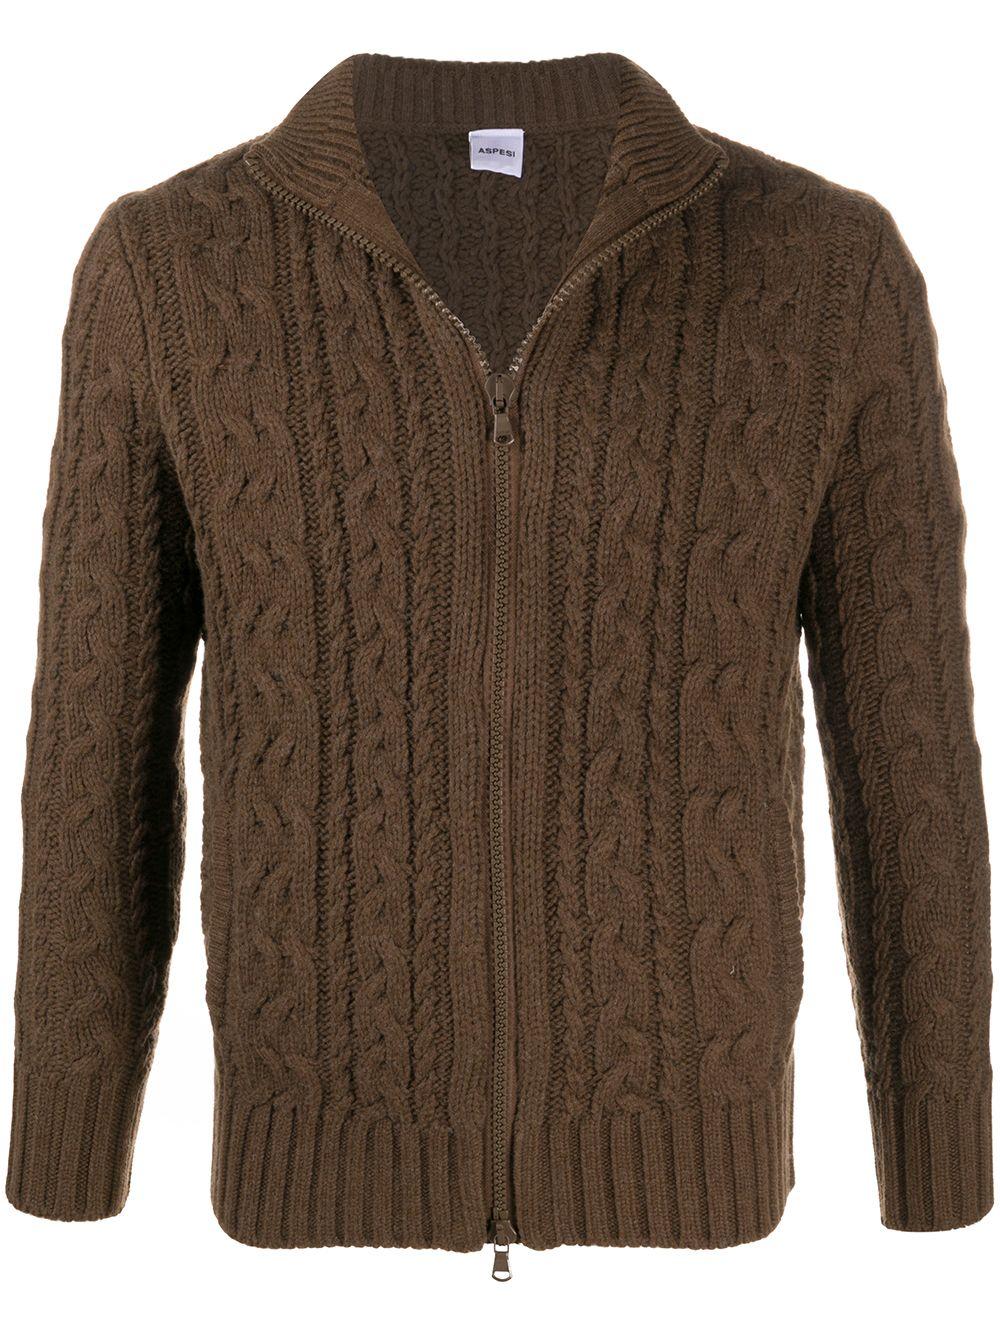 Maglione con zip in lana marrone seppia con lavorazione a trecce ALBERTO ASPESI   Cardigan   M352-396501223